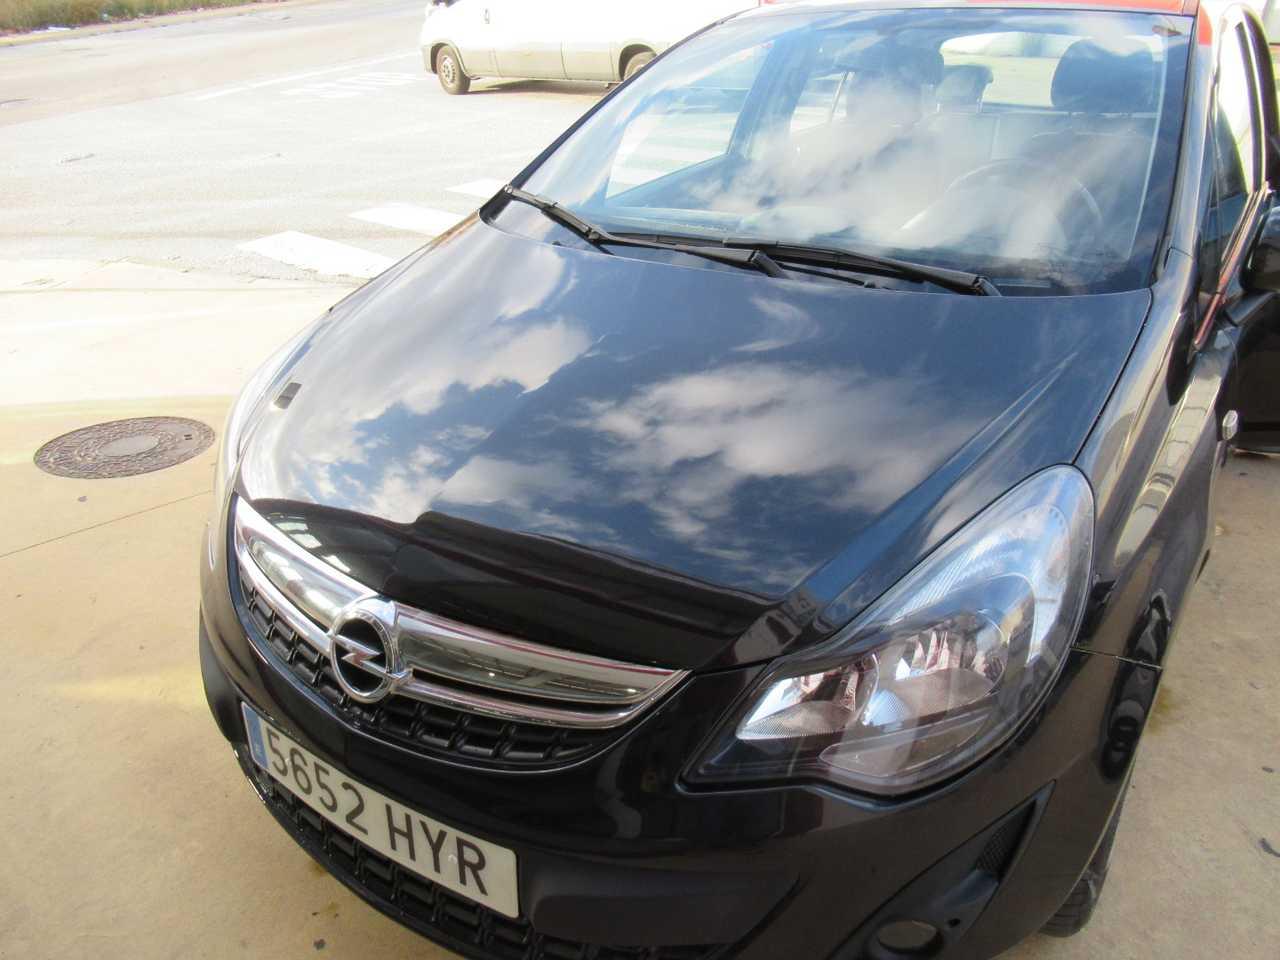 Opel Corsa 1.2 SELECTIVE 85 CV MUY EQUIPADO UN SOLO PROPIETARIO, CERTIFICADO DE KM Y CARROCERIA   - Foto 1